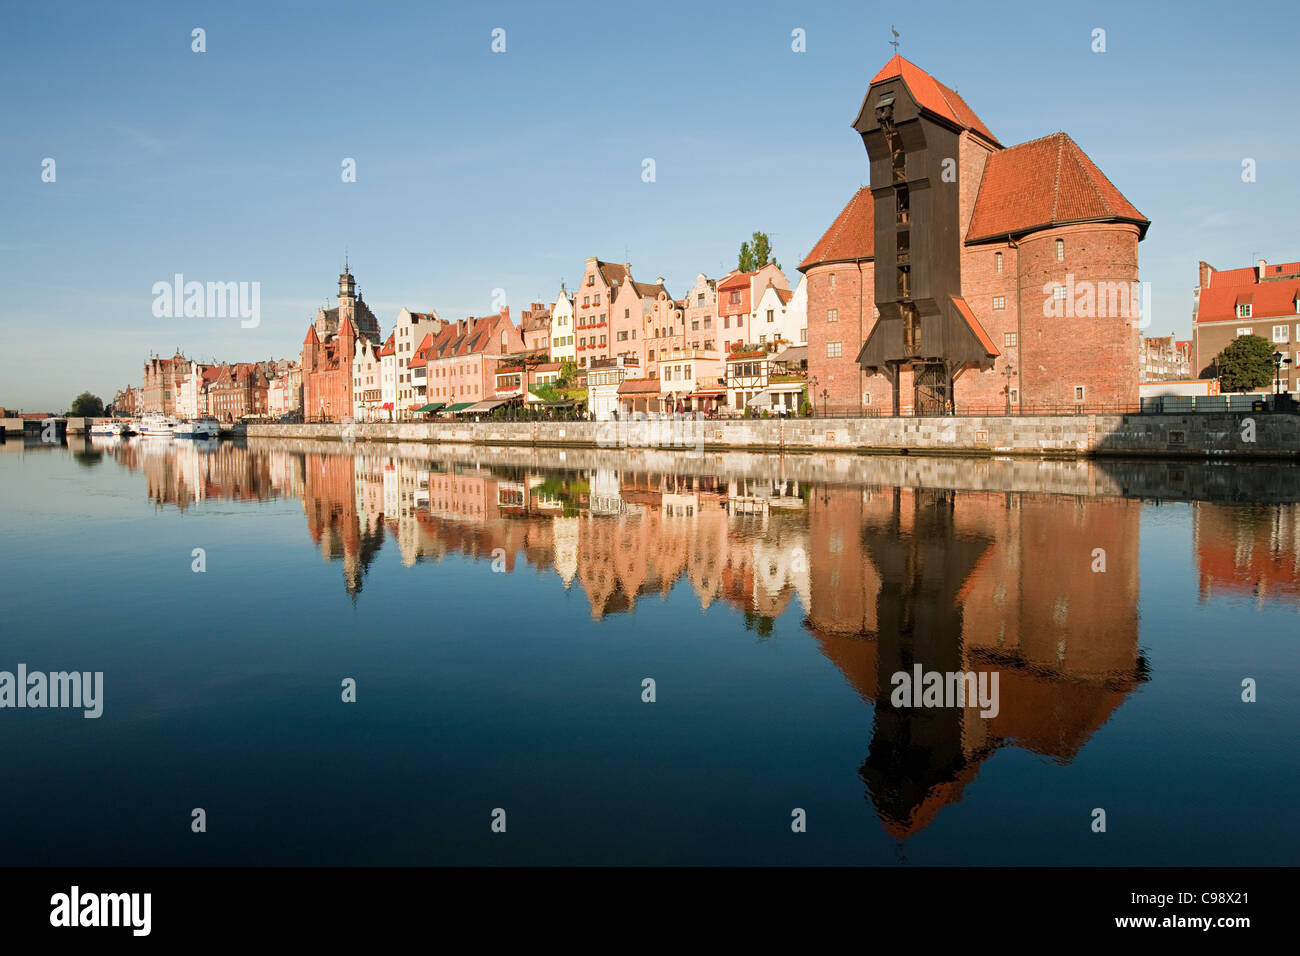 Los edificios medievales se refleja en el agua, Gdansk, Polonia Imagen De Stock